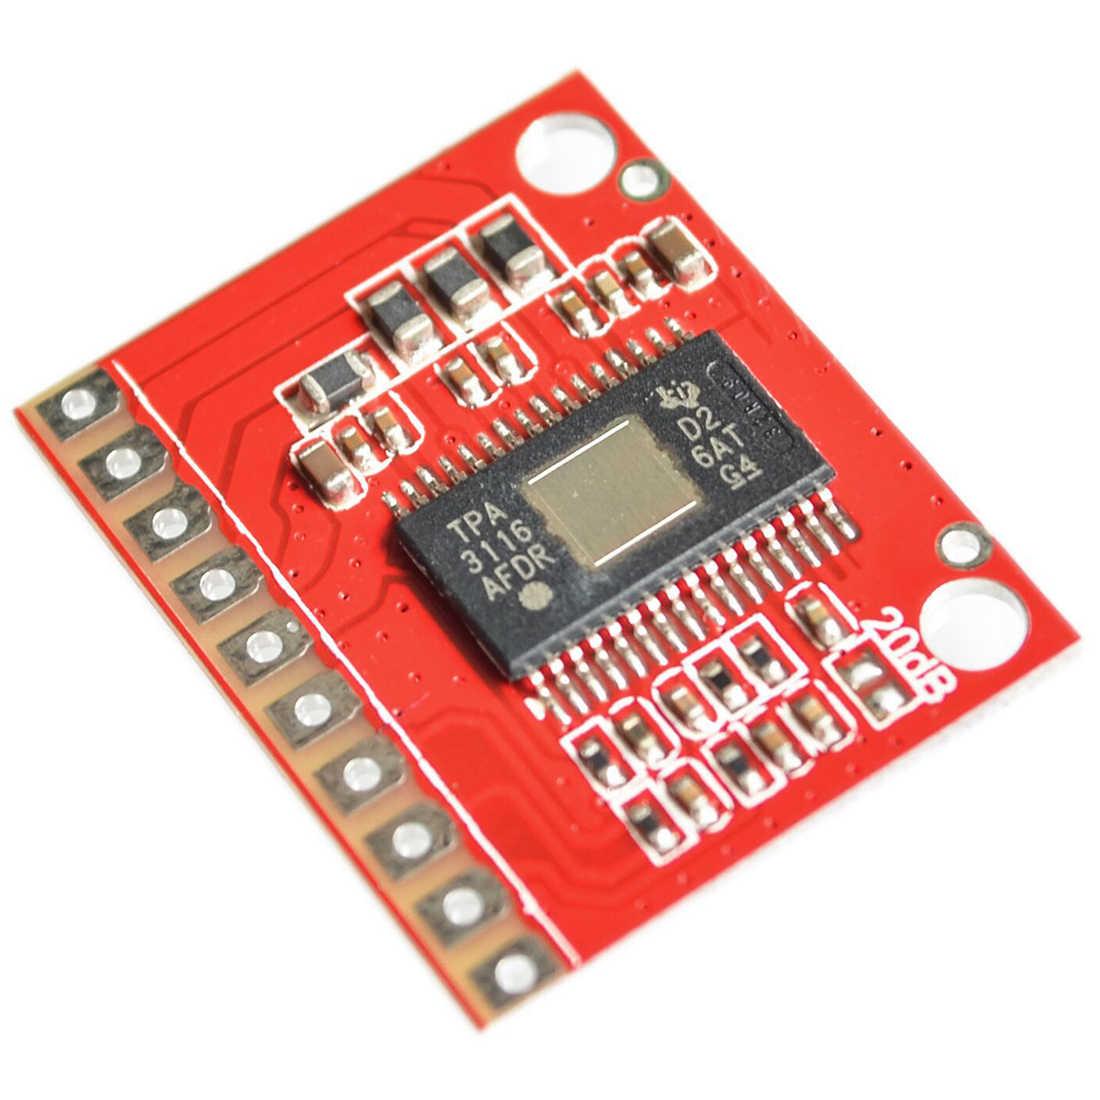 50WX2 Audio Digital Amplifier Papan 24V 100W Super TDA7492 7498 TPA3116D2 3118